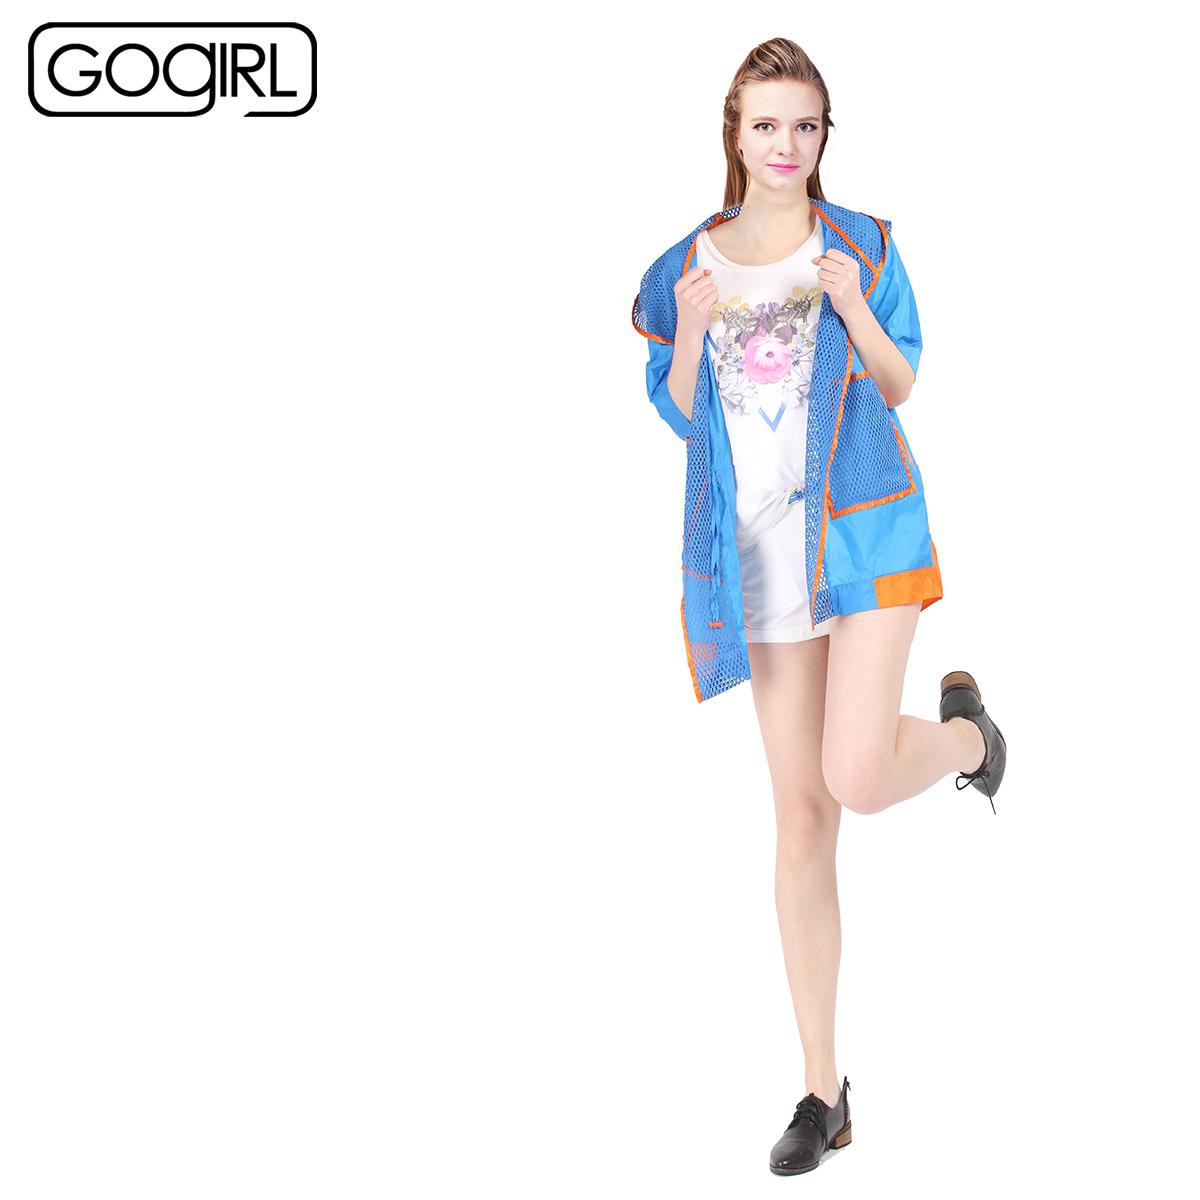 мочеприемник для водителей gogirl женский плащ Gogirl g2152a02 2015 798